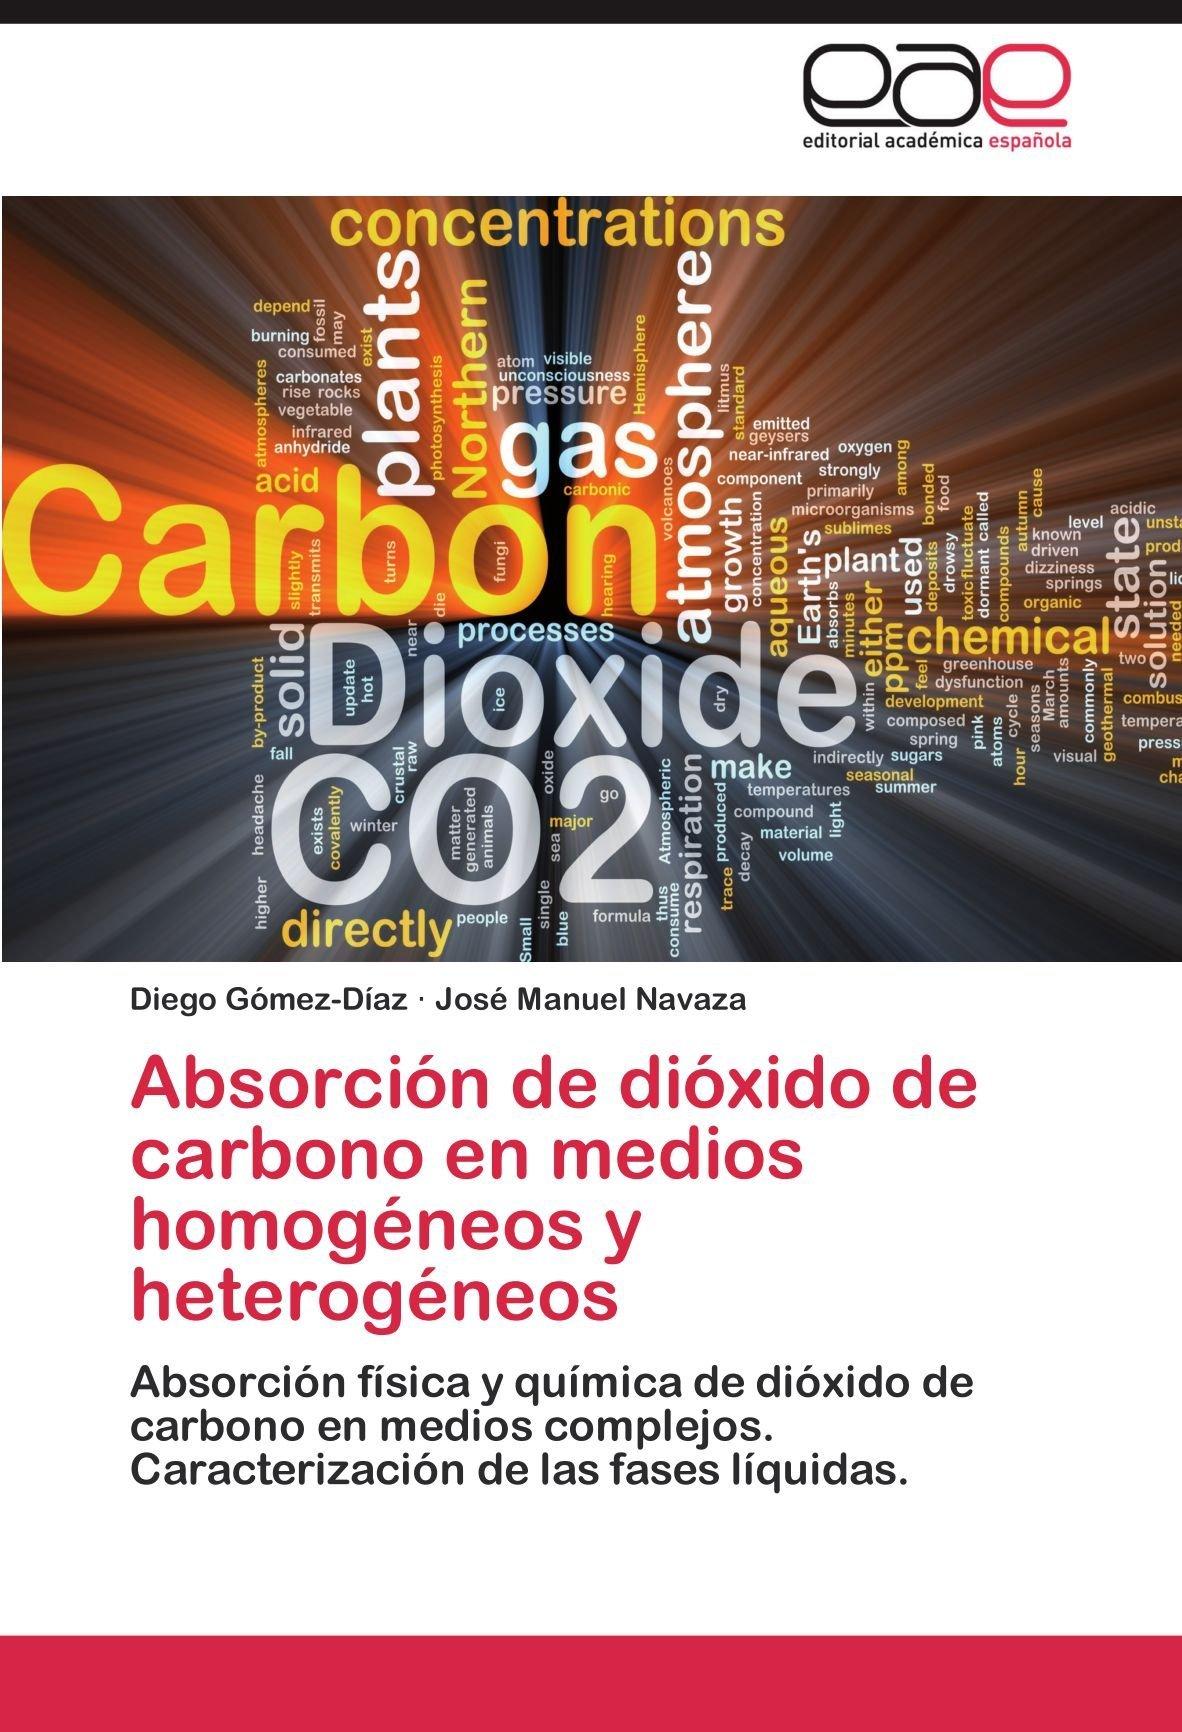 Absorción de dióxido de carbono en medios homogéneos y heterogéneos  by  Diego Gómez-Díaz